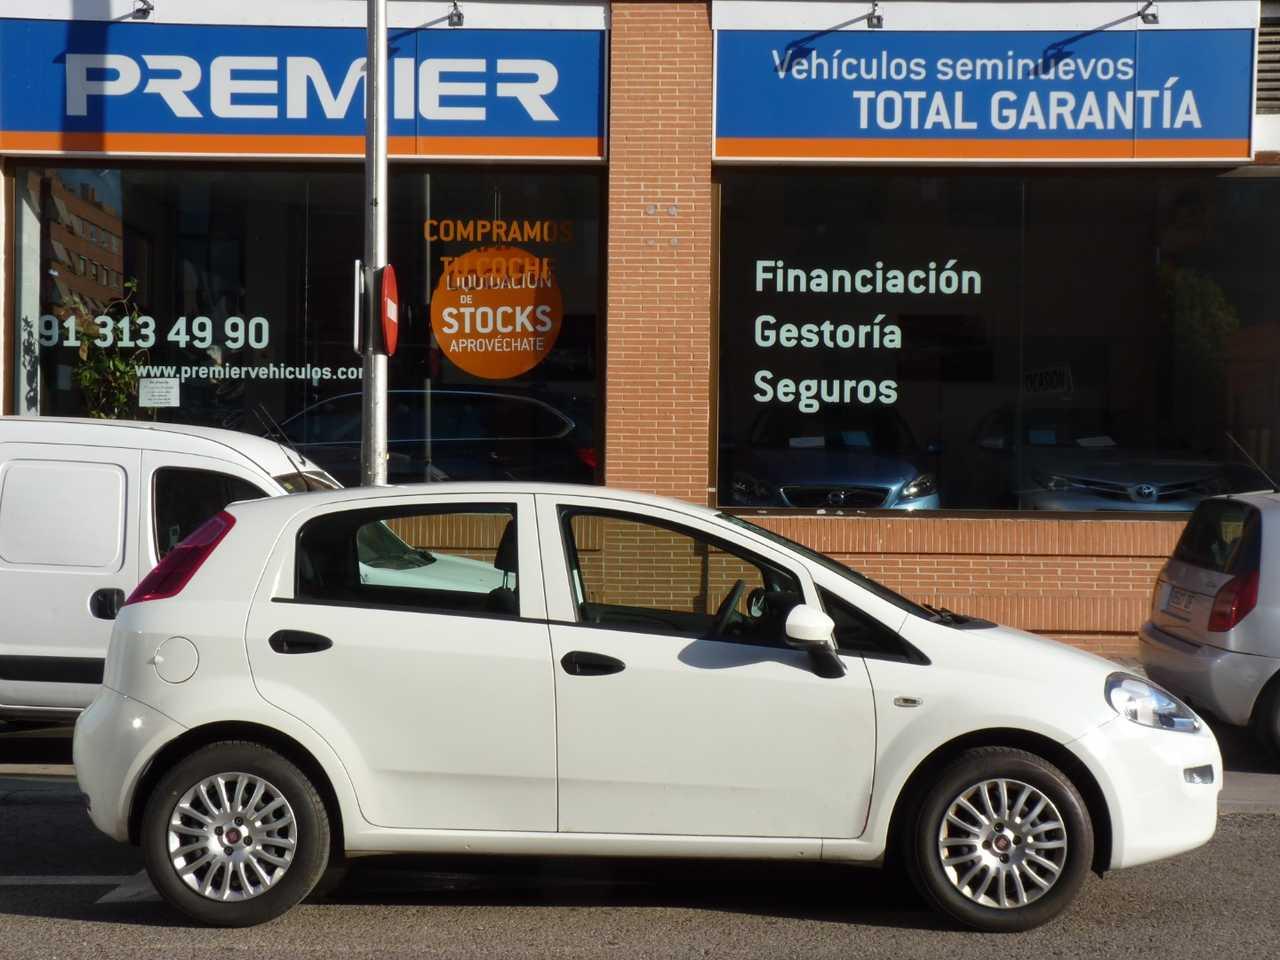 Fiat Punto Evo 1.3 JTD POP  - Foto 1